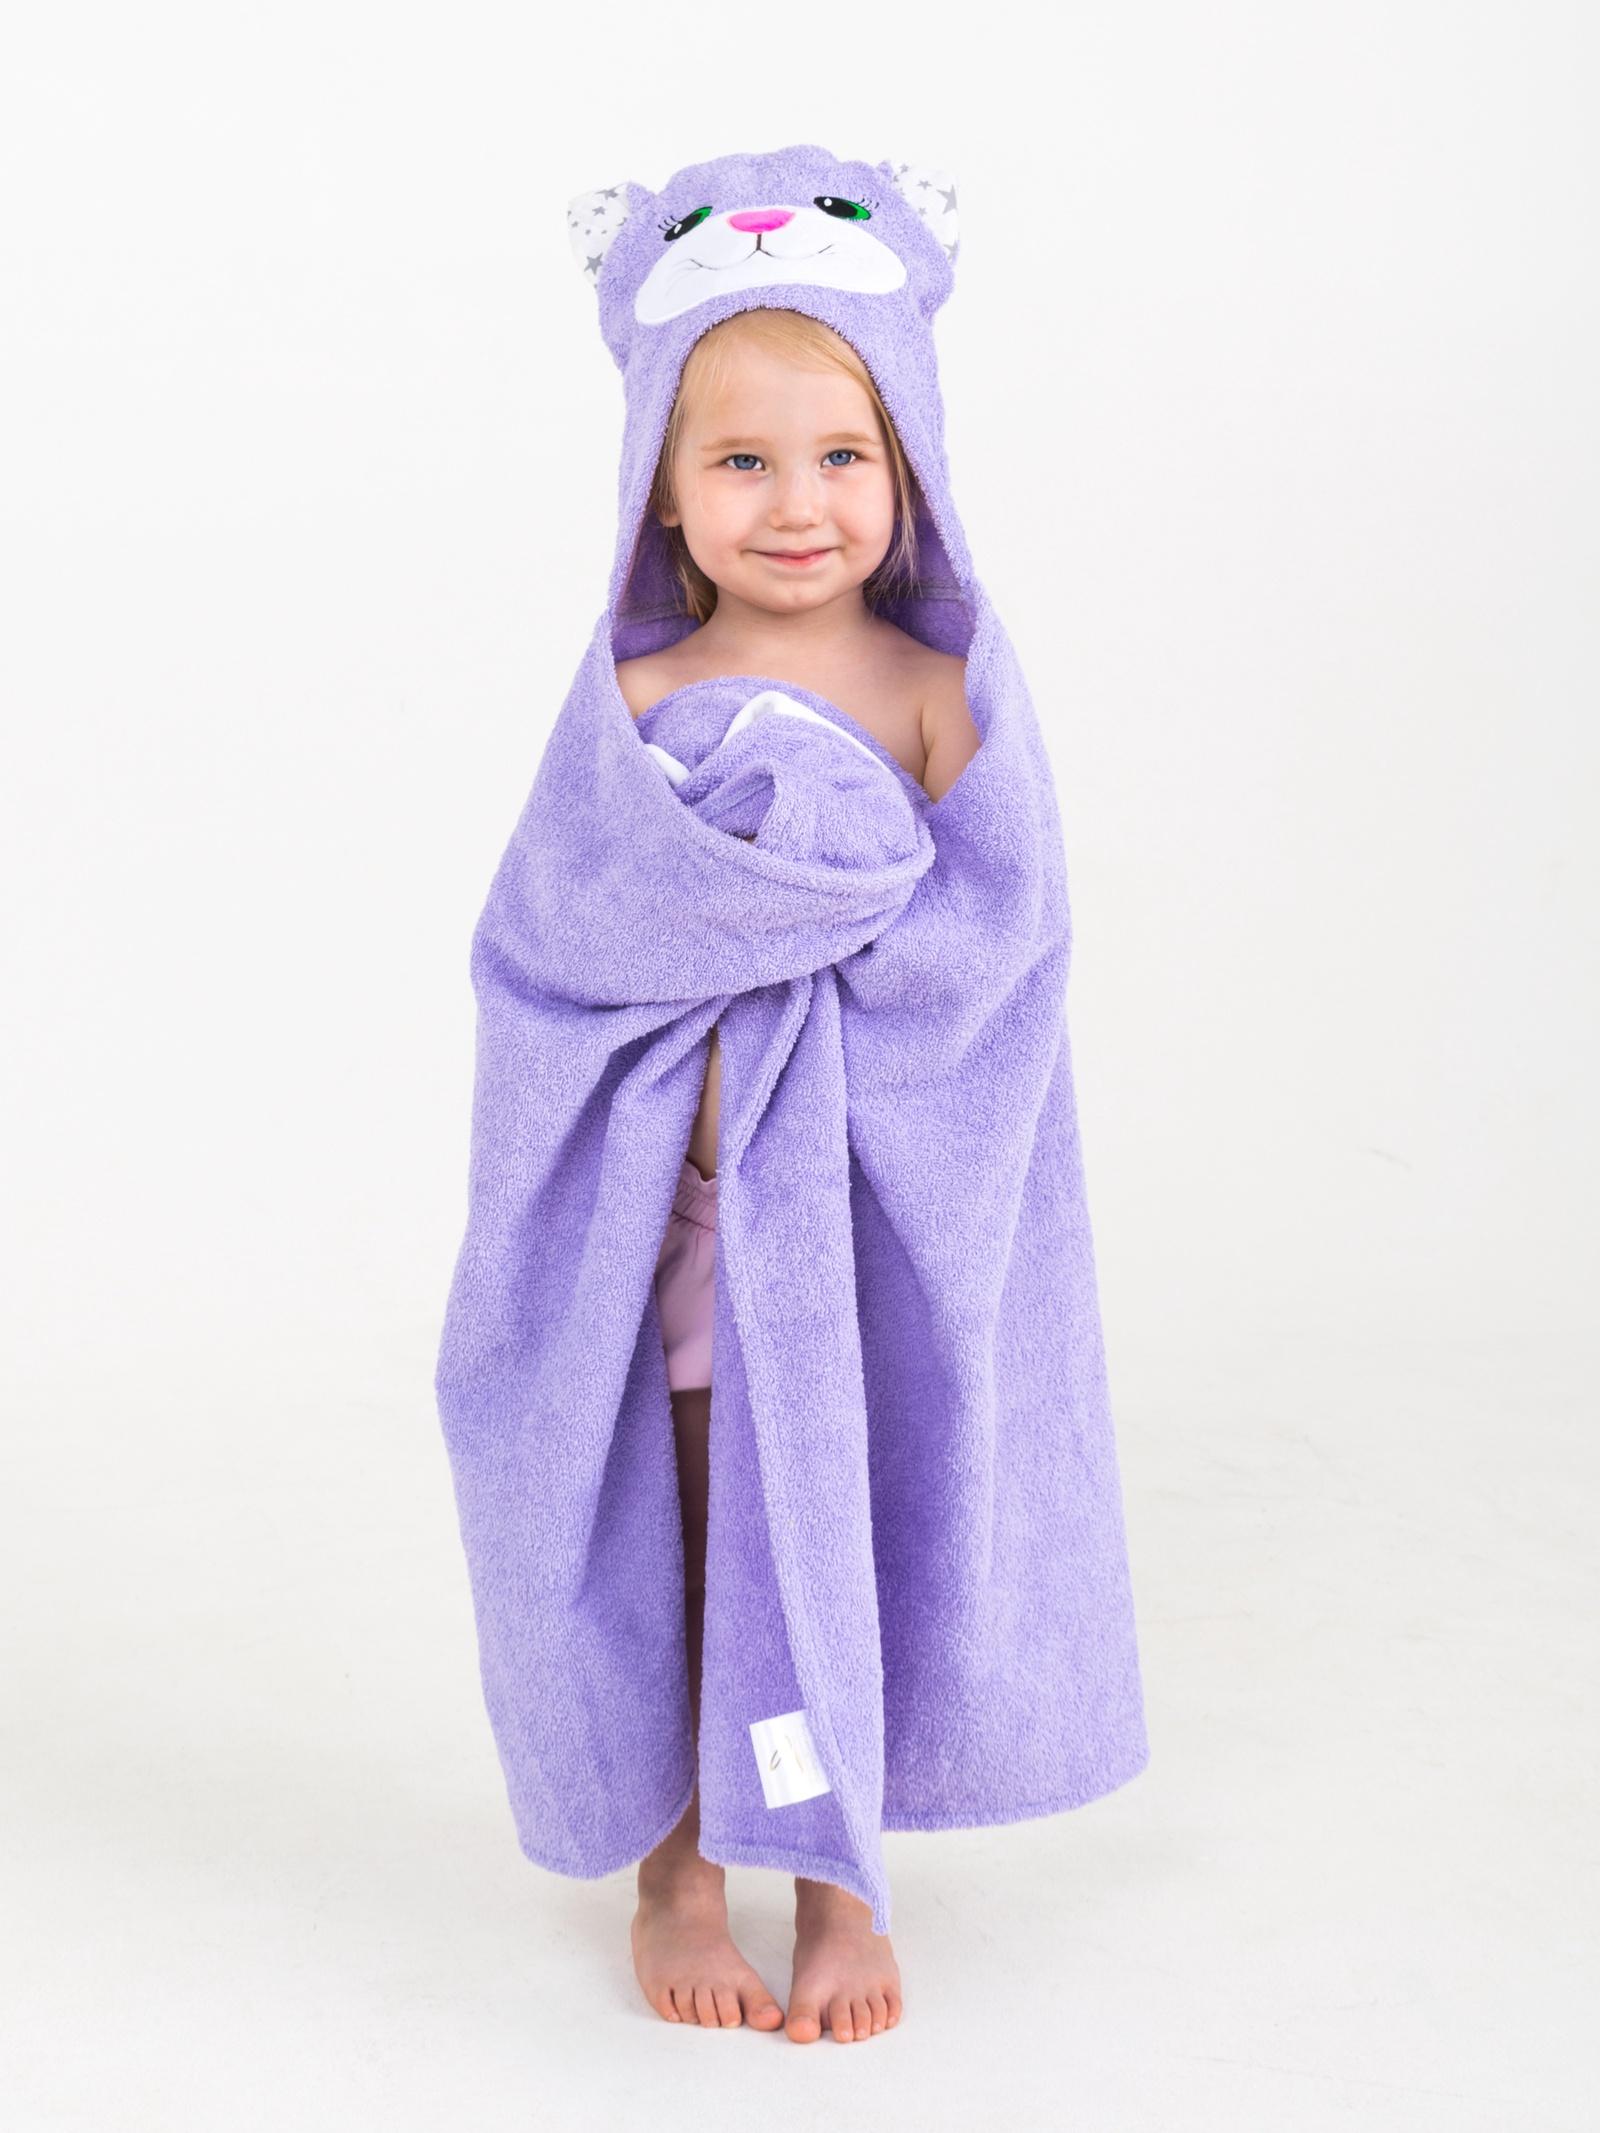 Полотенце детское BabyBunny Полотенце с капюшоном - Кошечка, лиловая, Хлопок